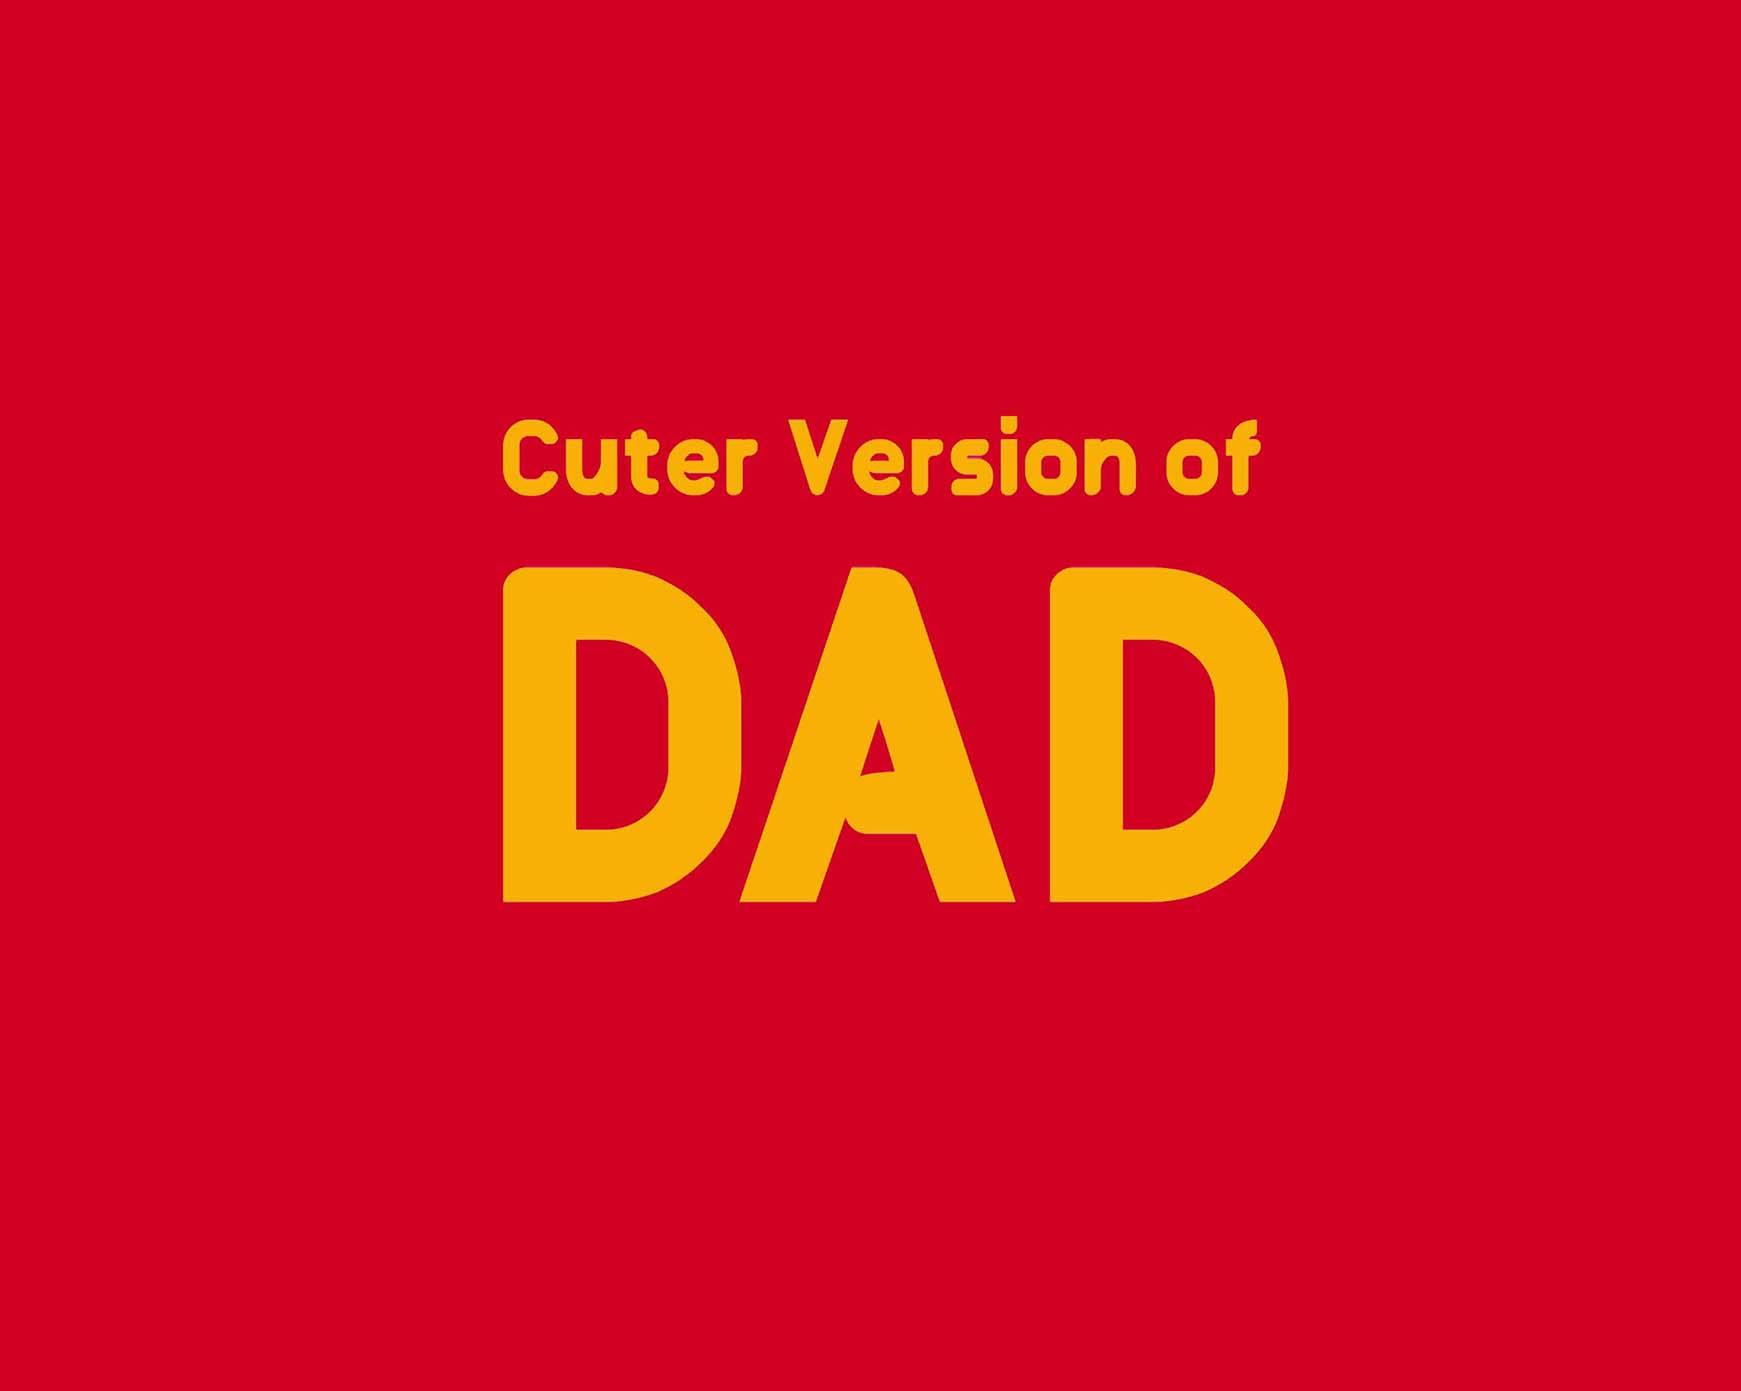 239-Cuter-version-of-dad.jpg